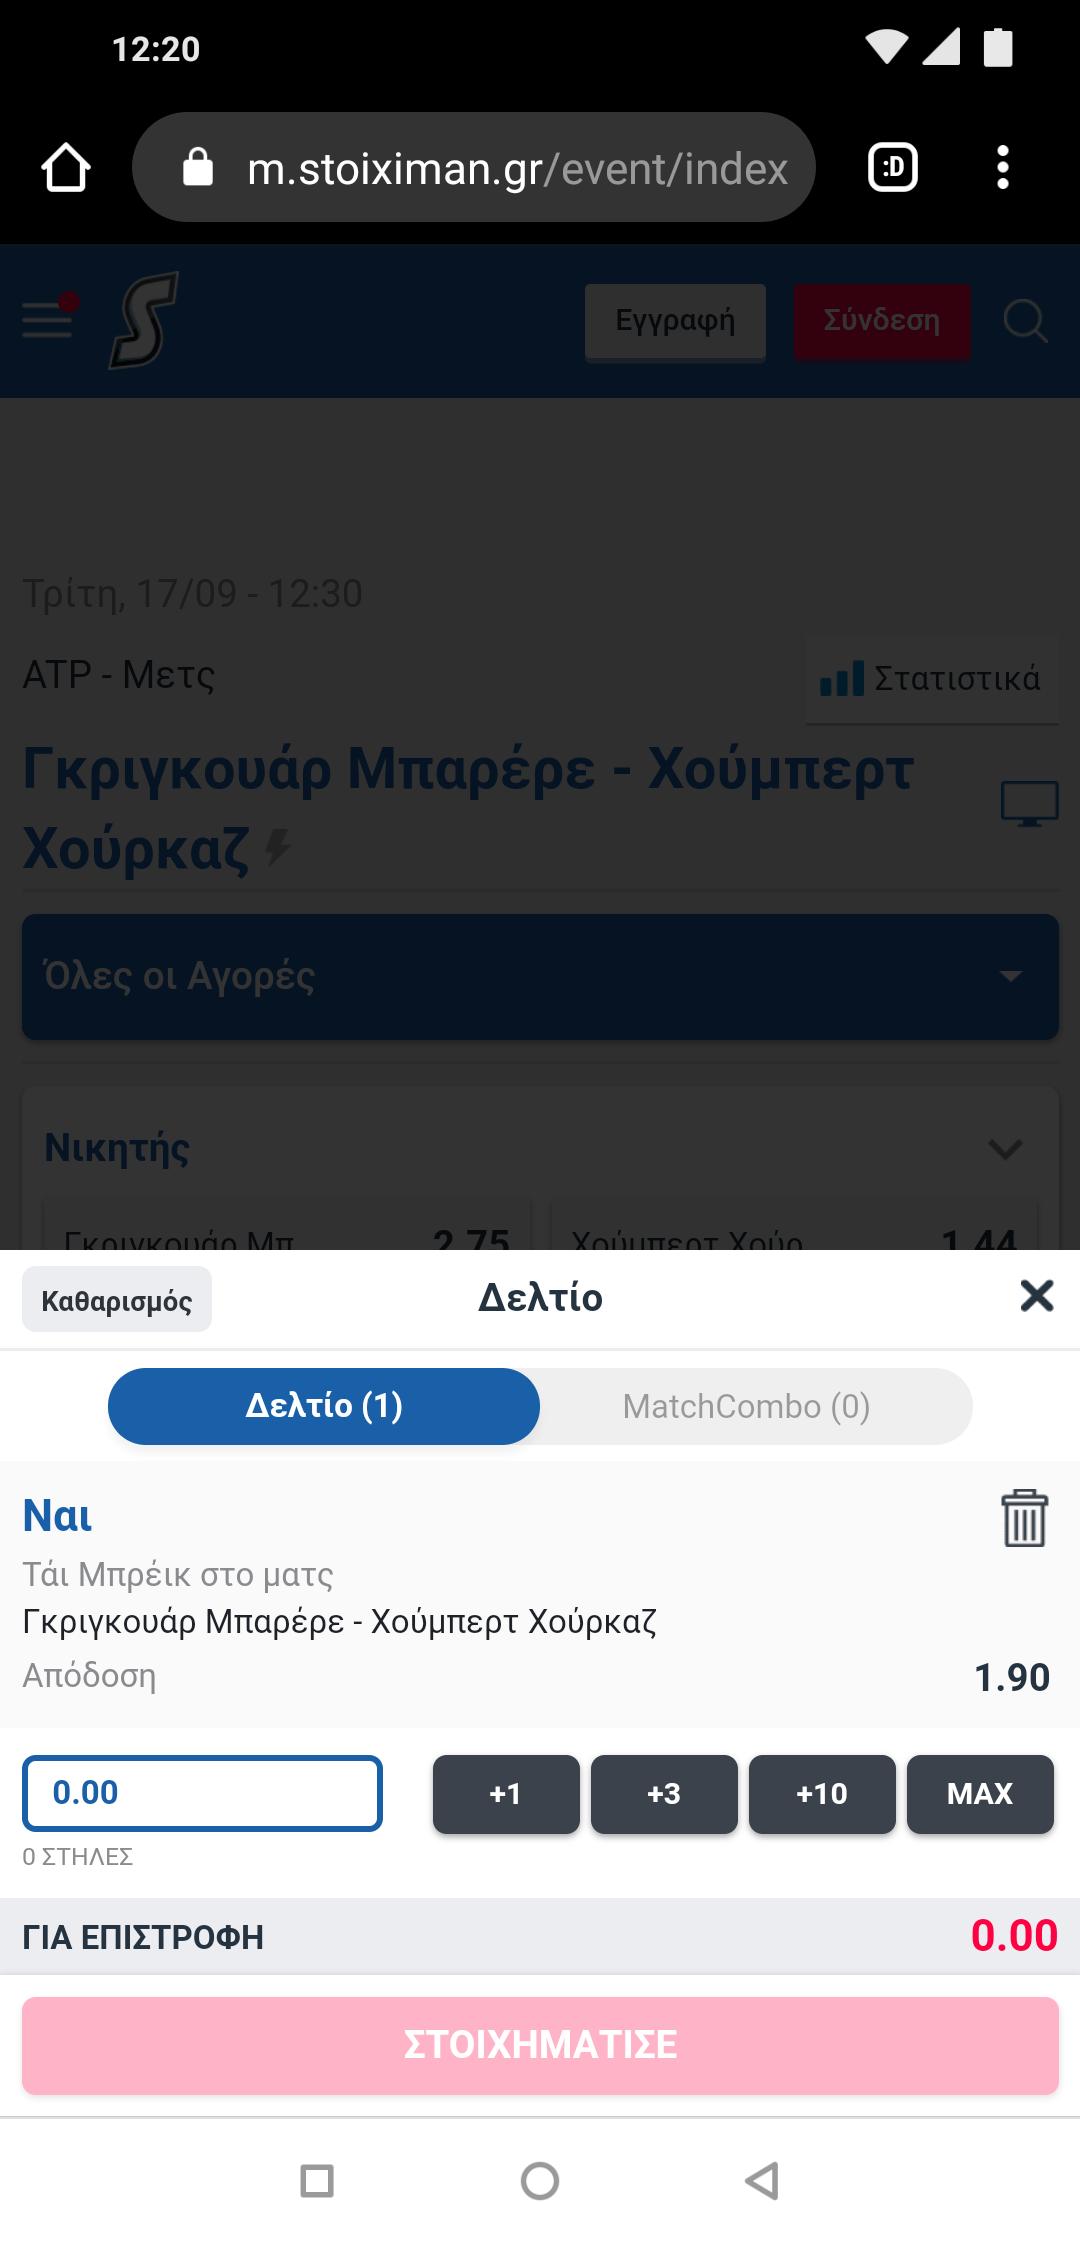 Screenshot_2019-09-17-12-20-58-859_com.android.chrome.png